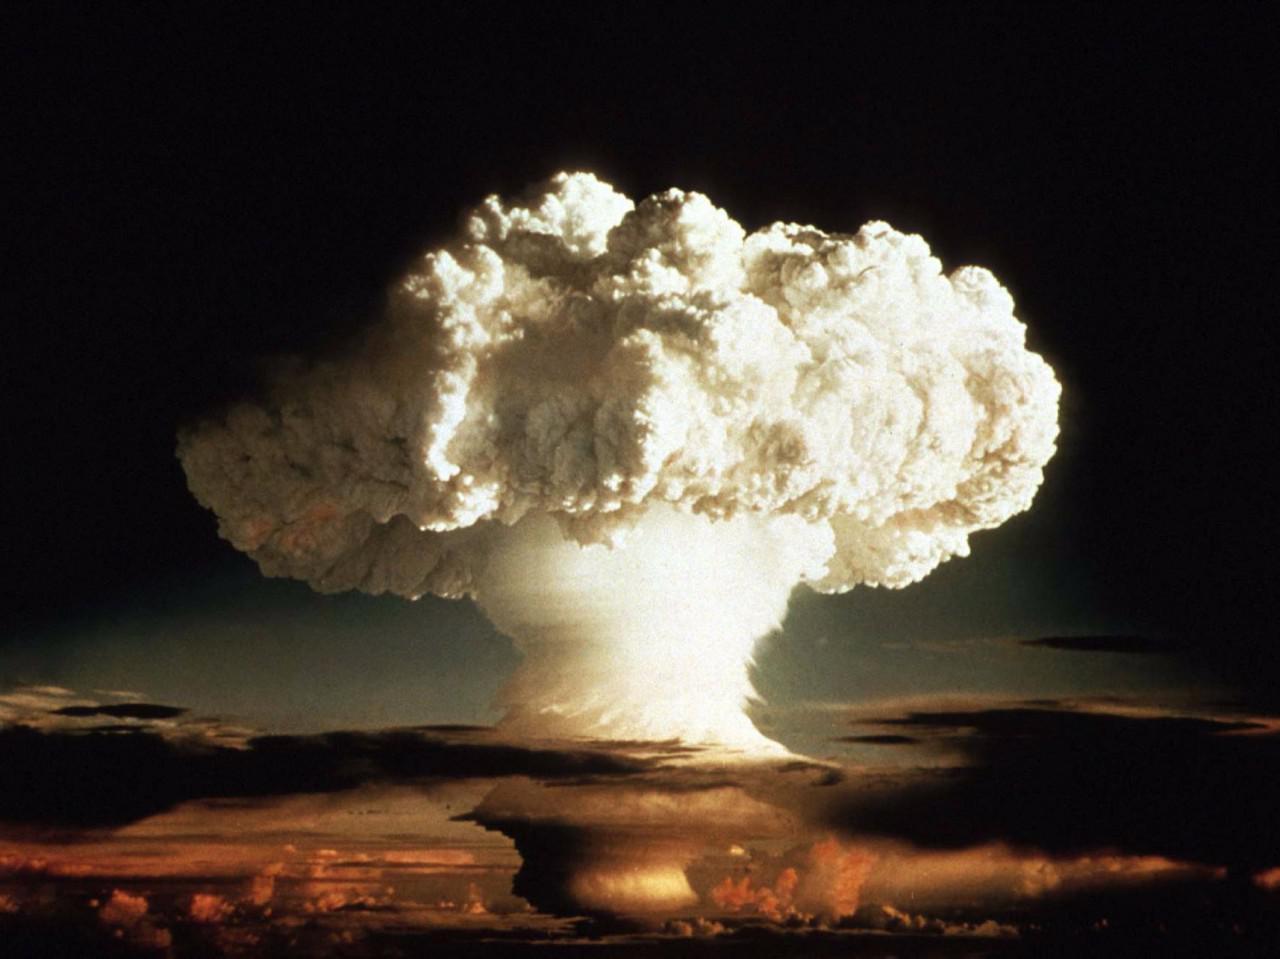 Fox News: Северная Корея может закончить разработку водородной бомбы уже через полгода